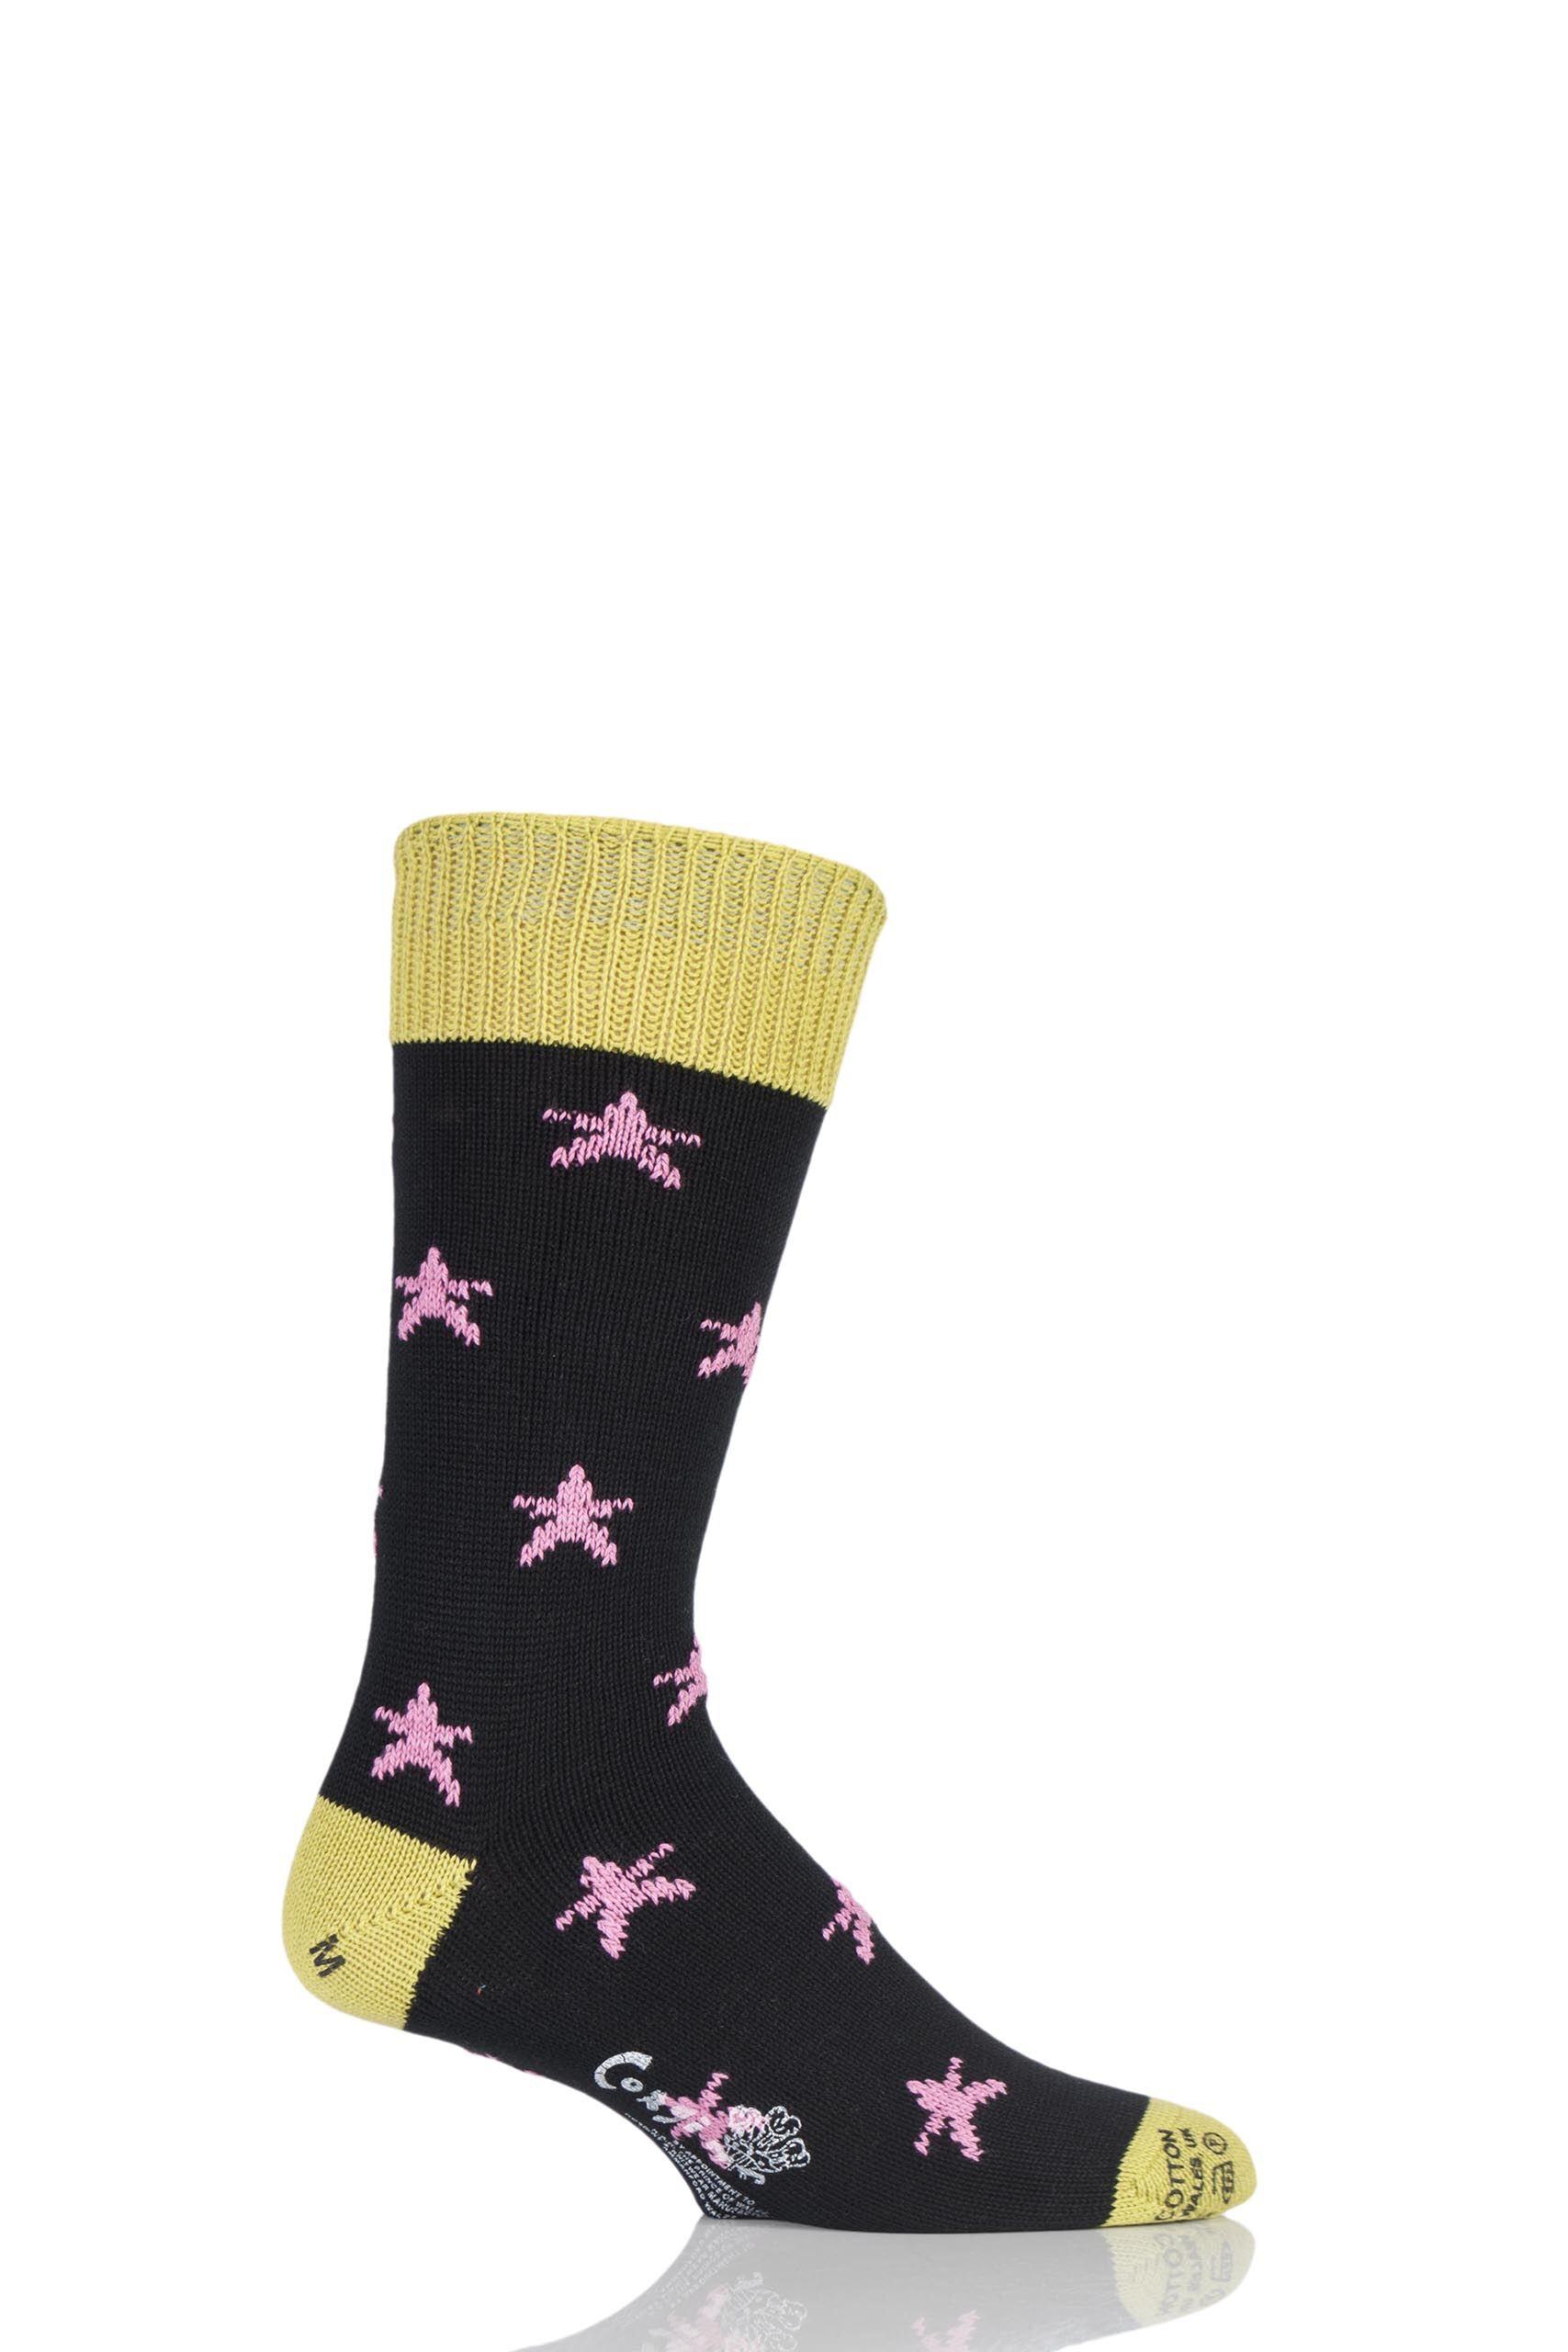 Image of 1 Pair Black 100% Cotton Stars Socks Men's 10-12 Mens - Corgi